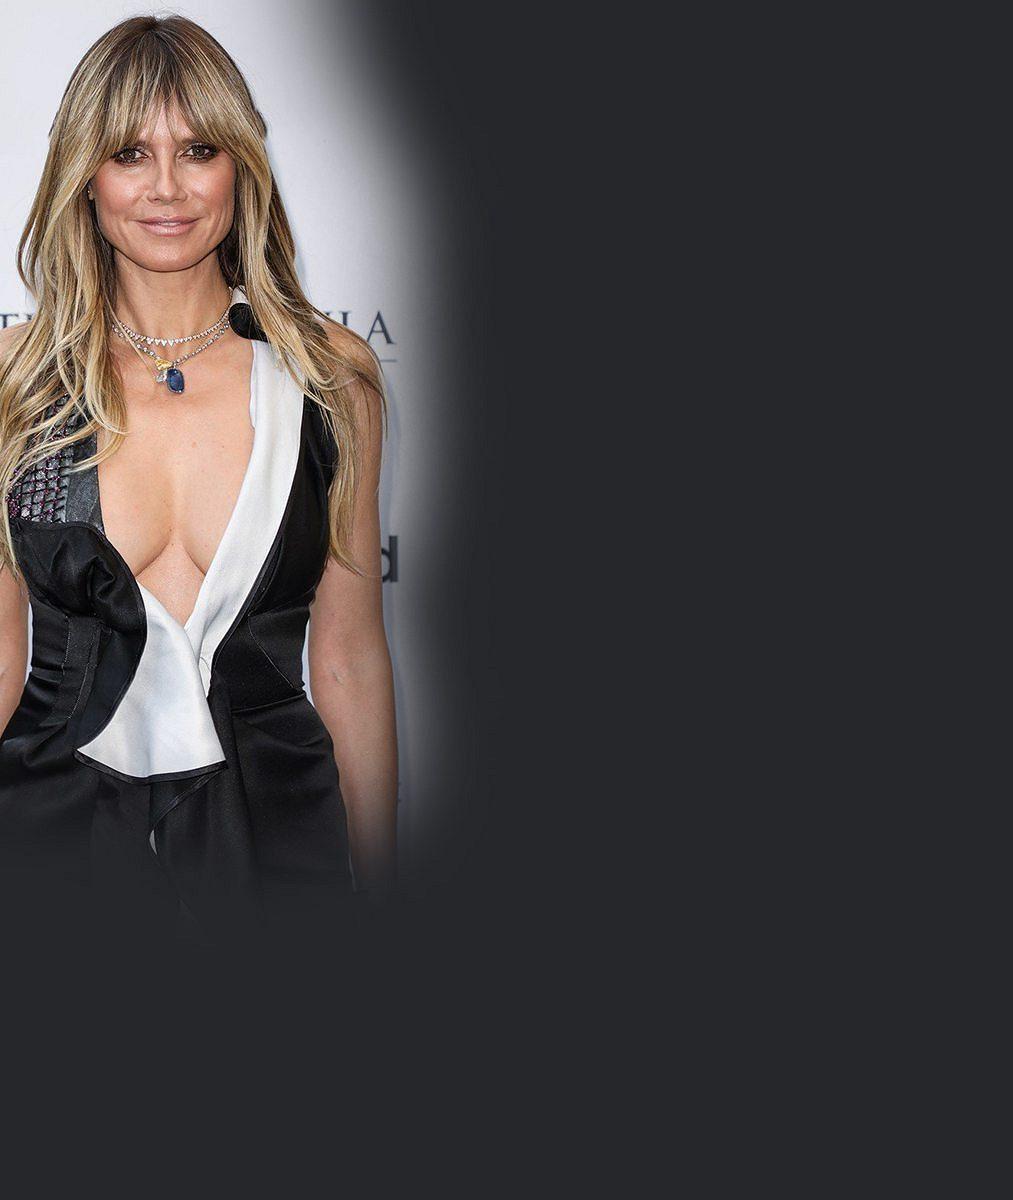 Takhle si užívá líbánky so17let mladším manželem: Heidi Klum ukázala prsa isnubní prsten